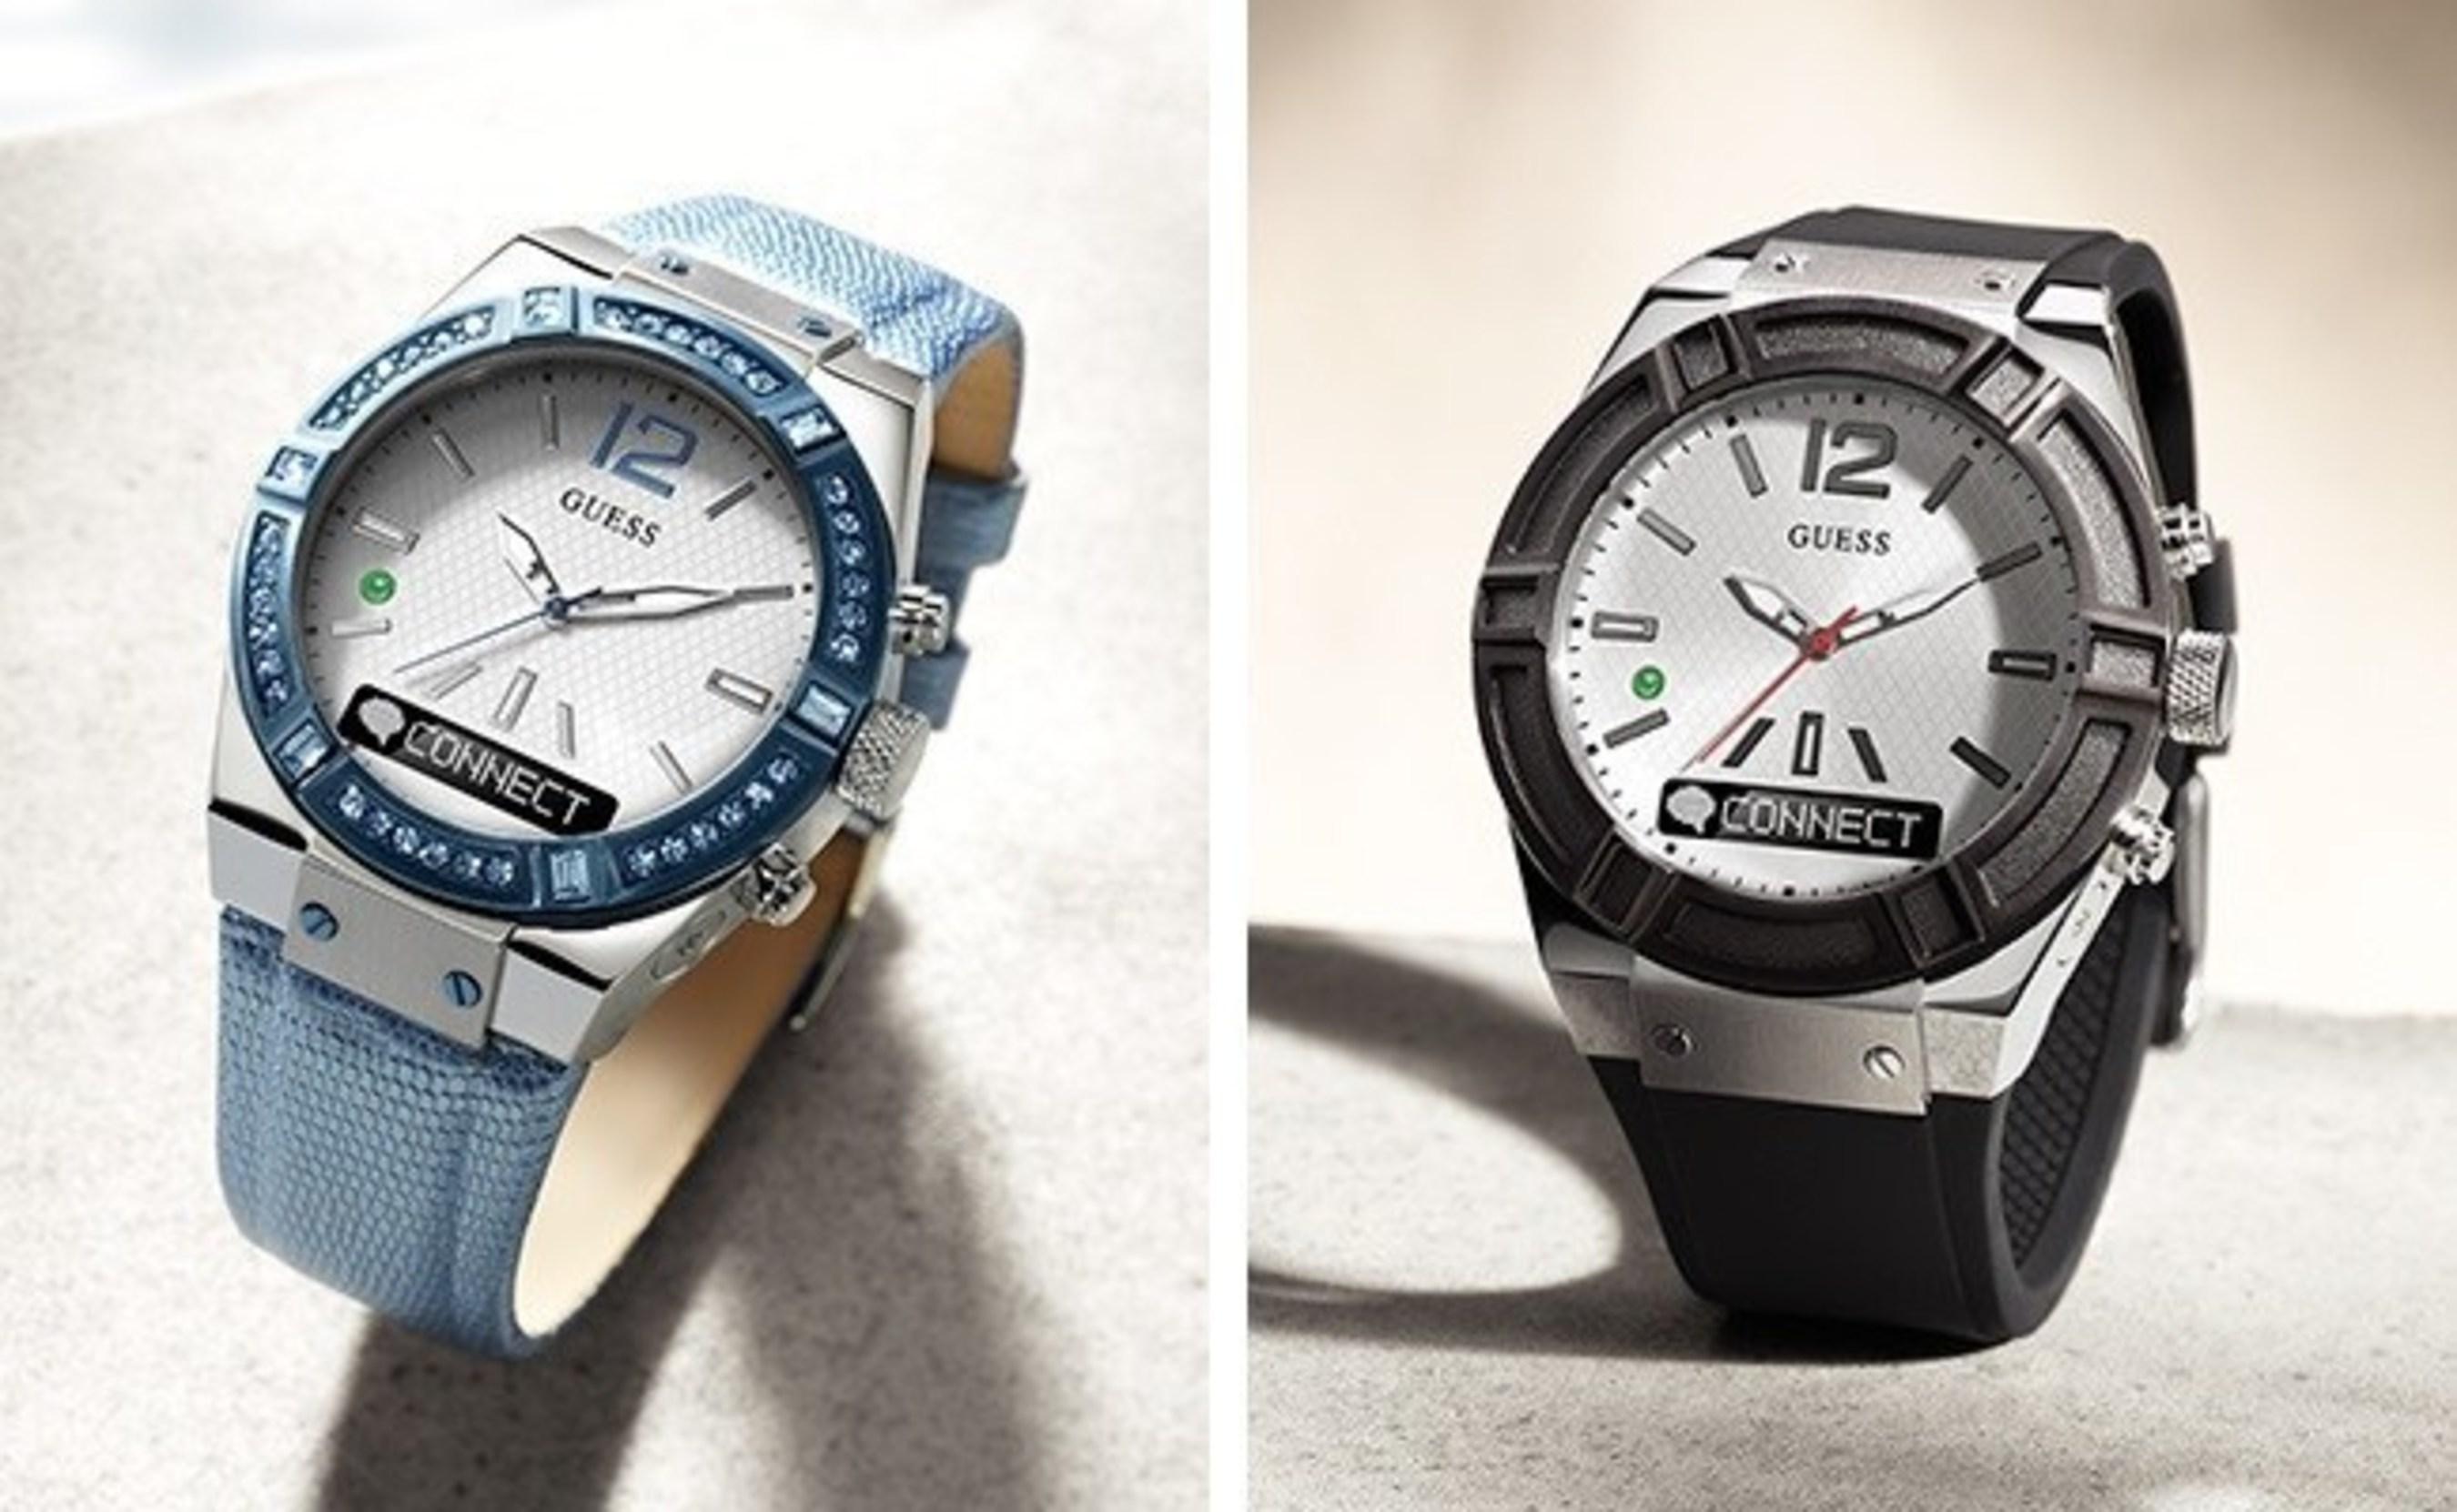 Inteligentny zegarek GUESS CONNECT wprowadza świeżą kombinację kolorów w sam raz na wiosnę